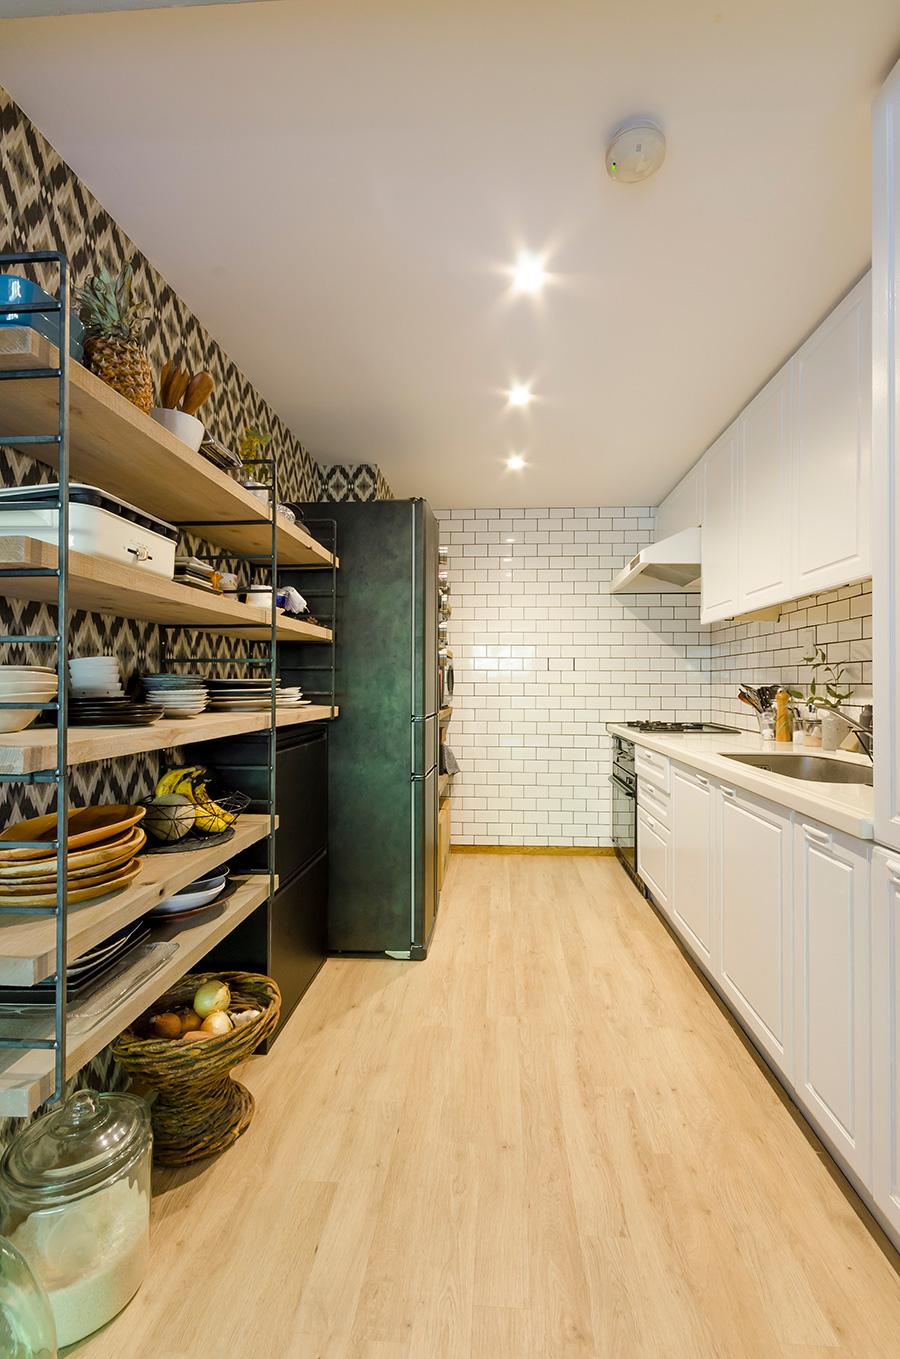 壁を取り外し、すっきりさせた使いやすいキッチン。キッチン台の面材や吊り戸棚は白で塗装。